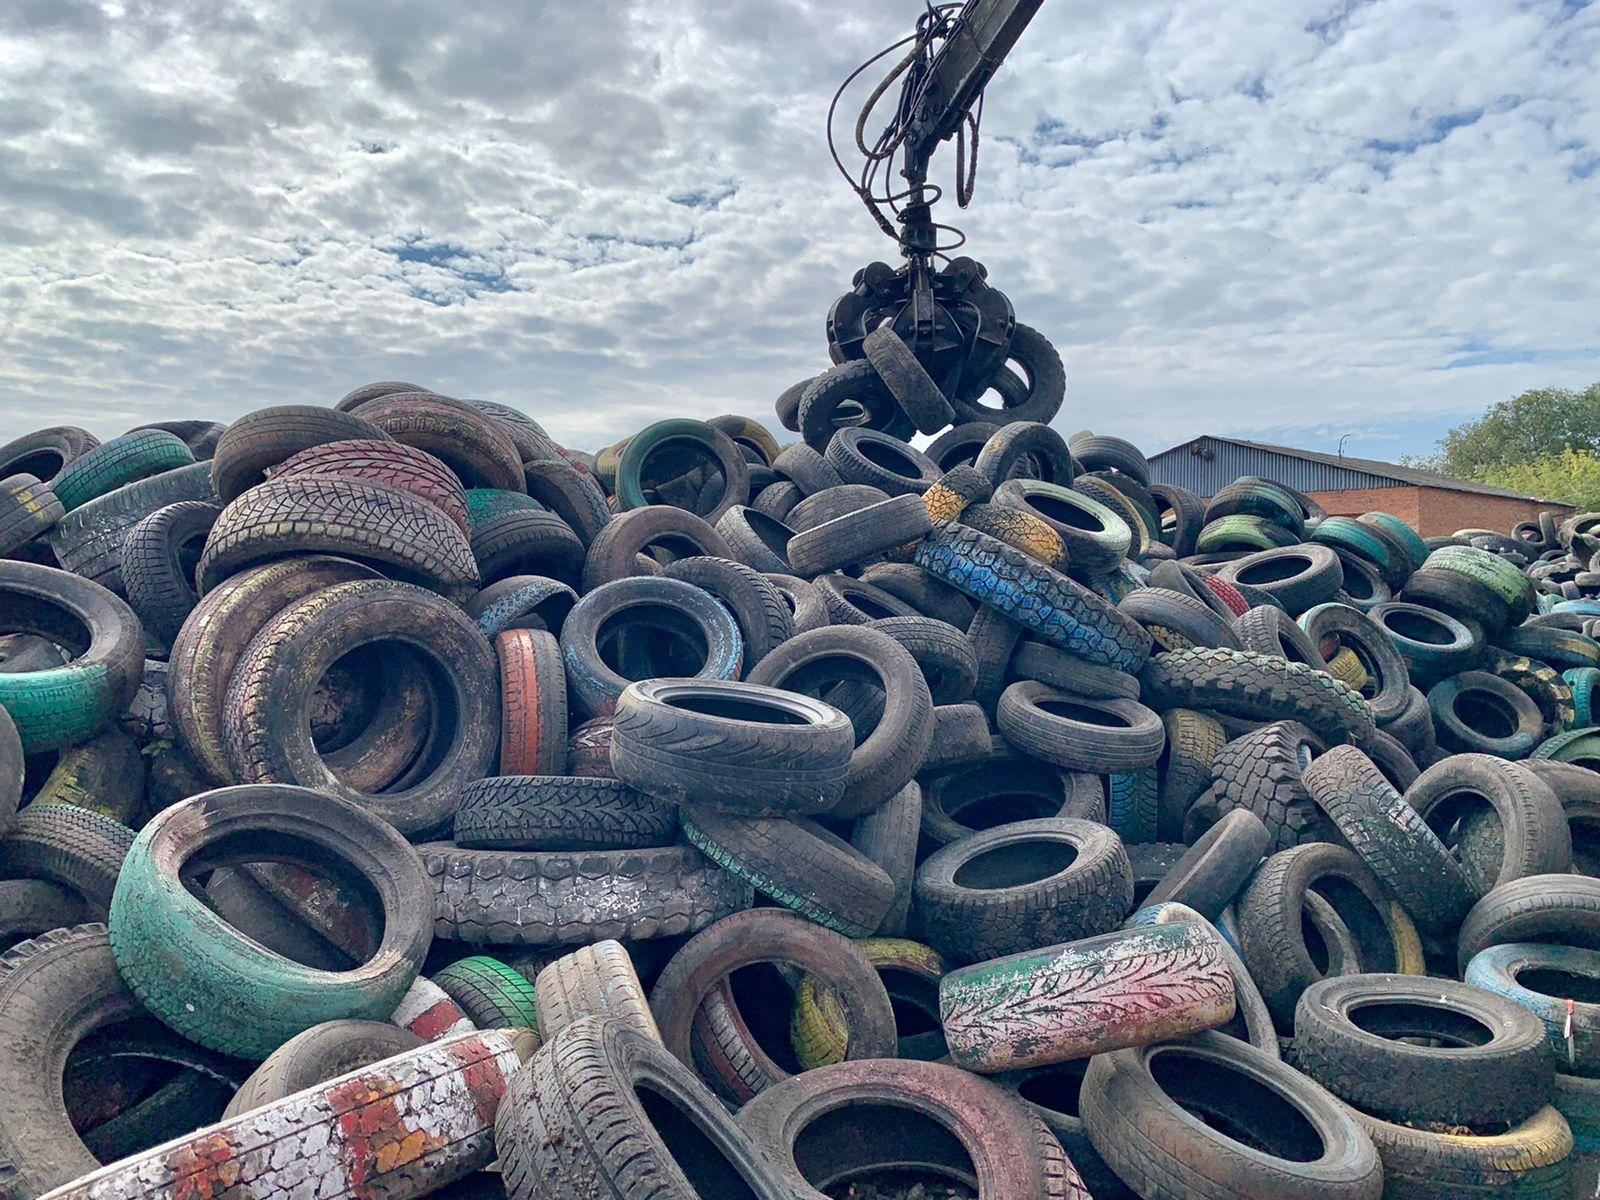 В Новомосковске за неполный месяц на переработку сдали целую гору покрышек